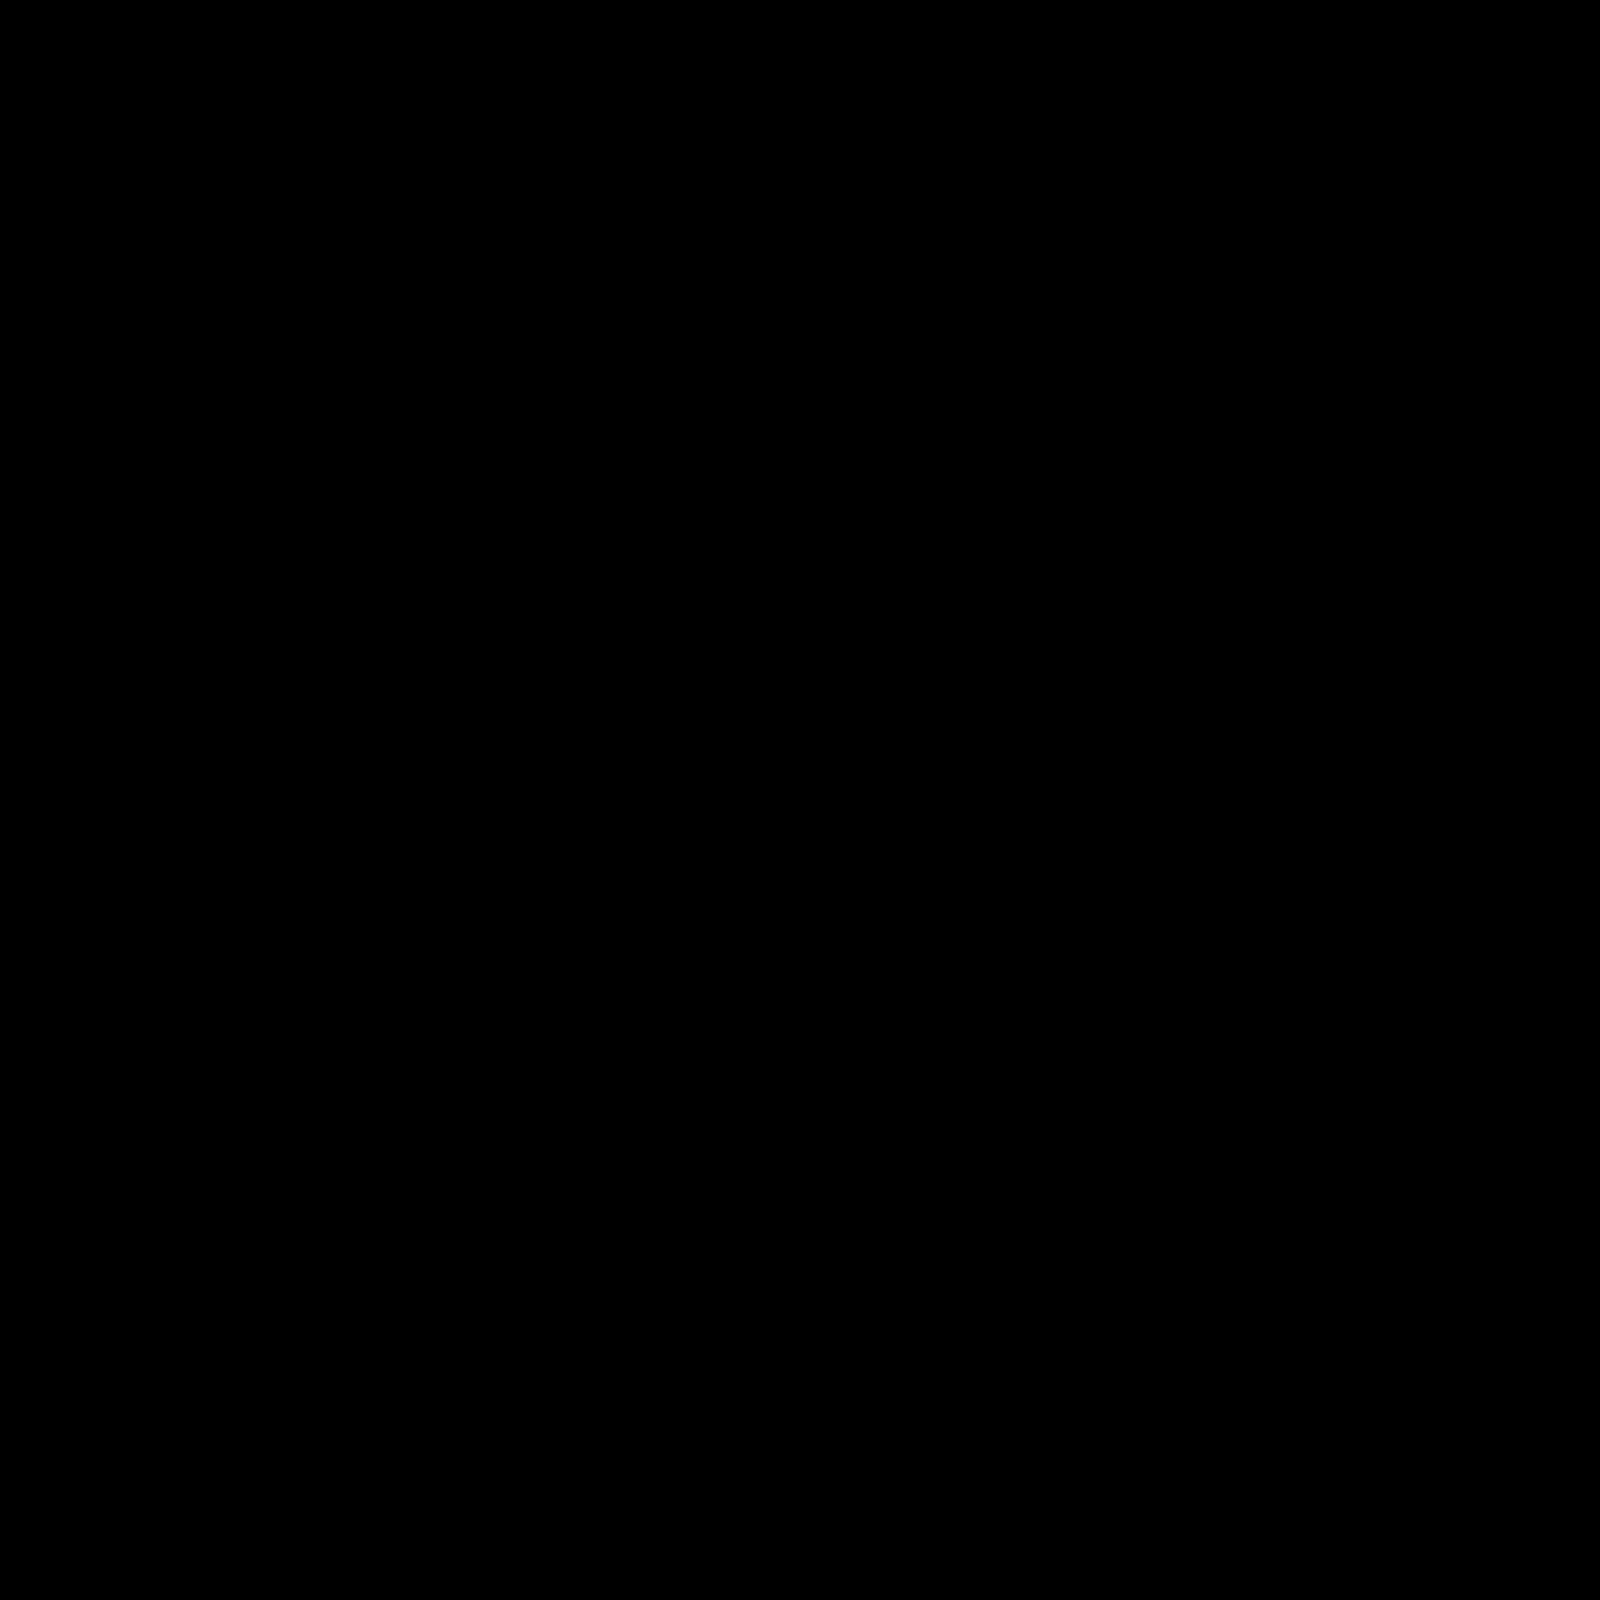 Venezuela Map icon